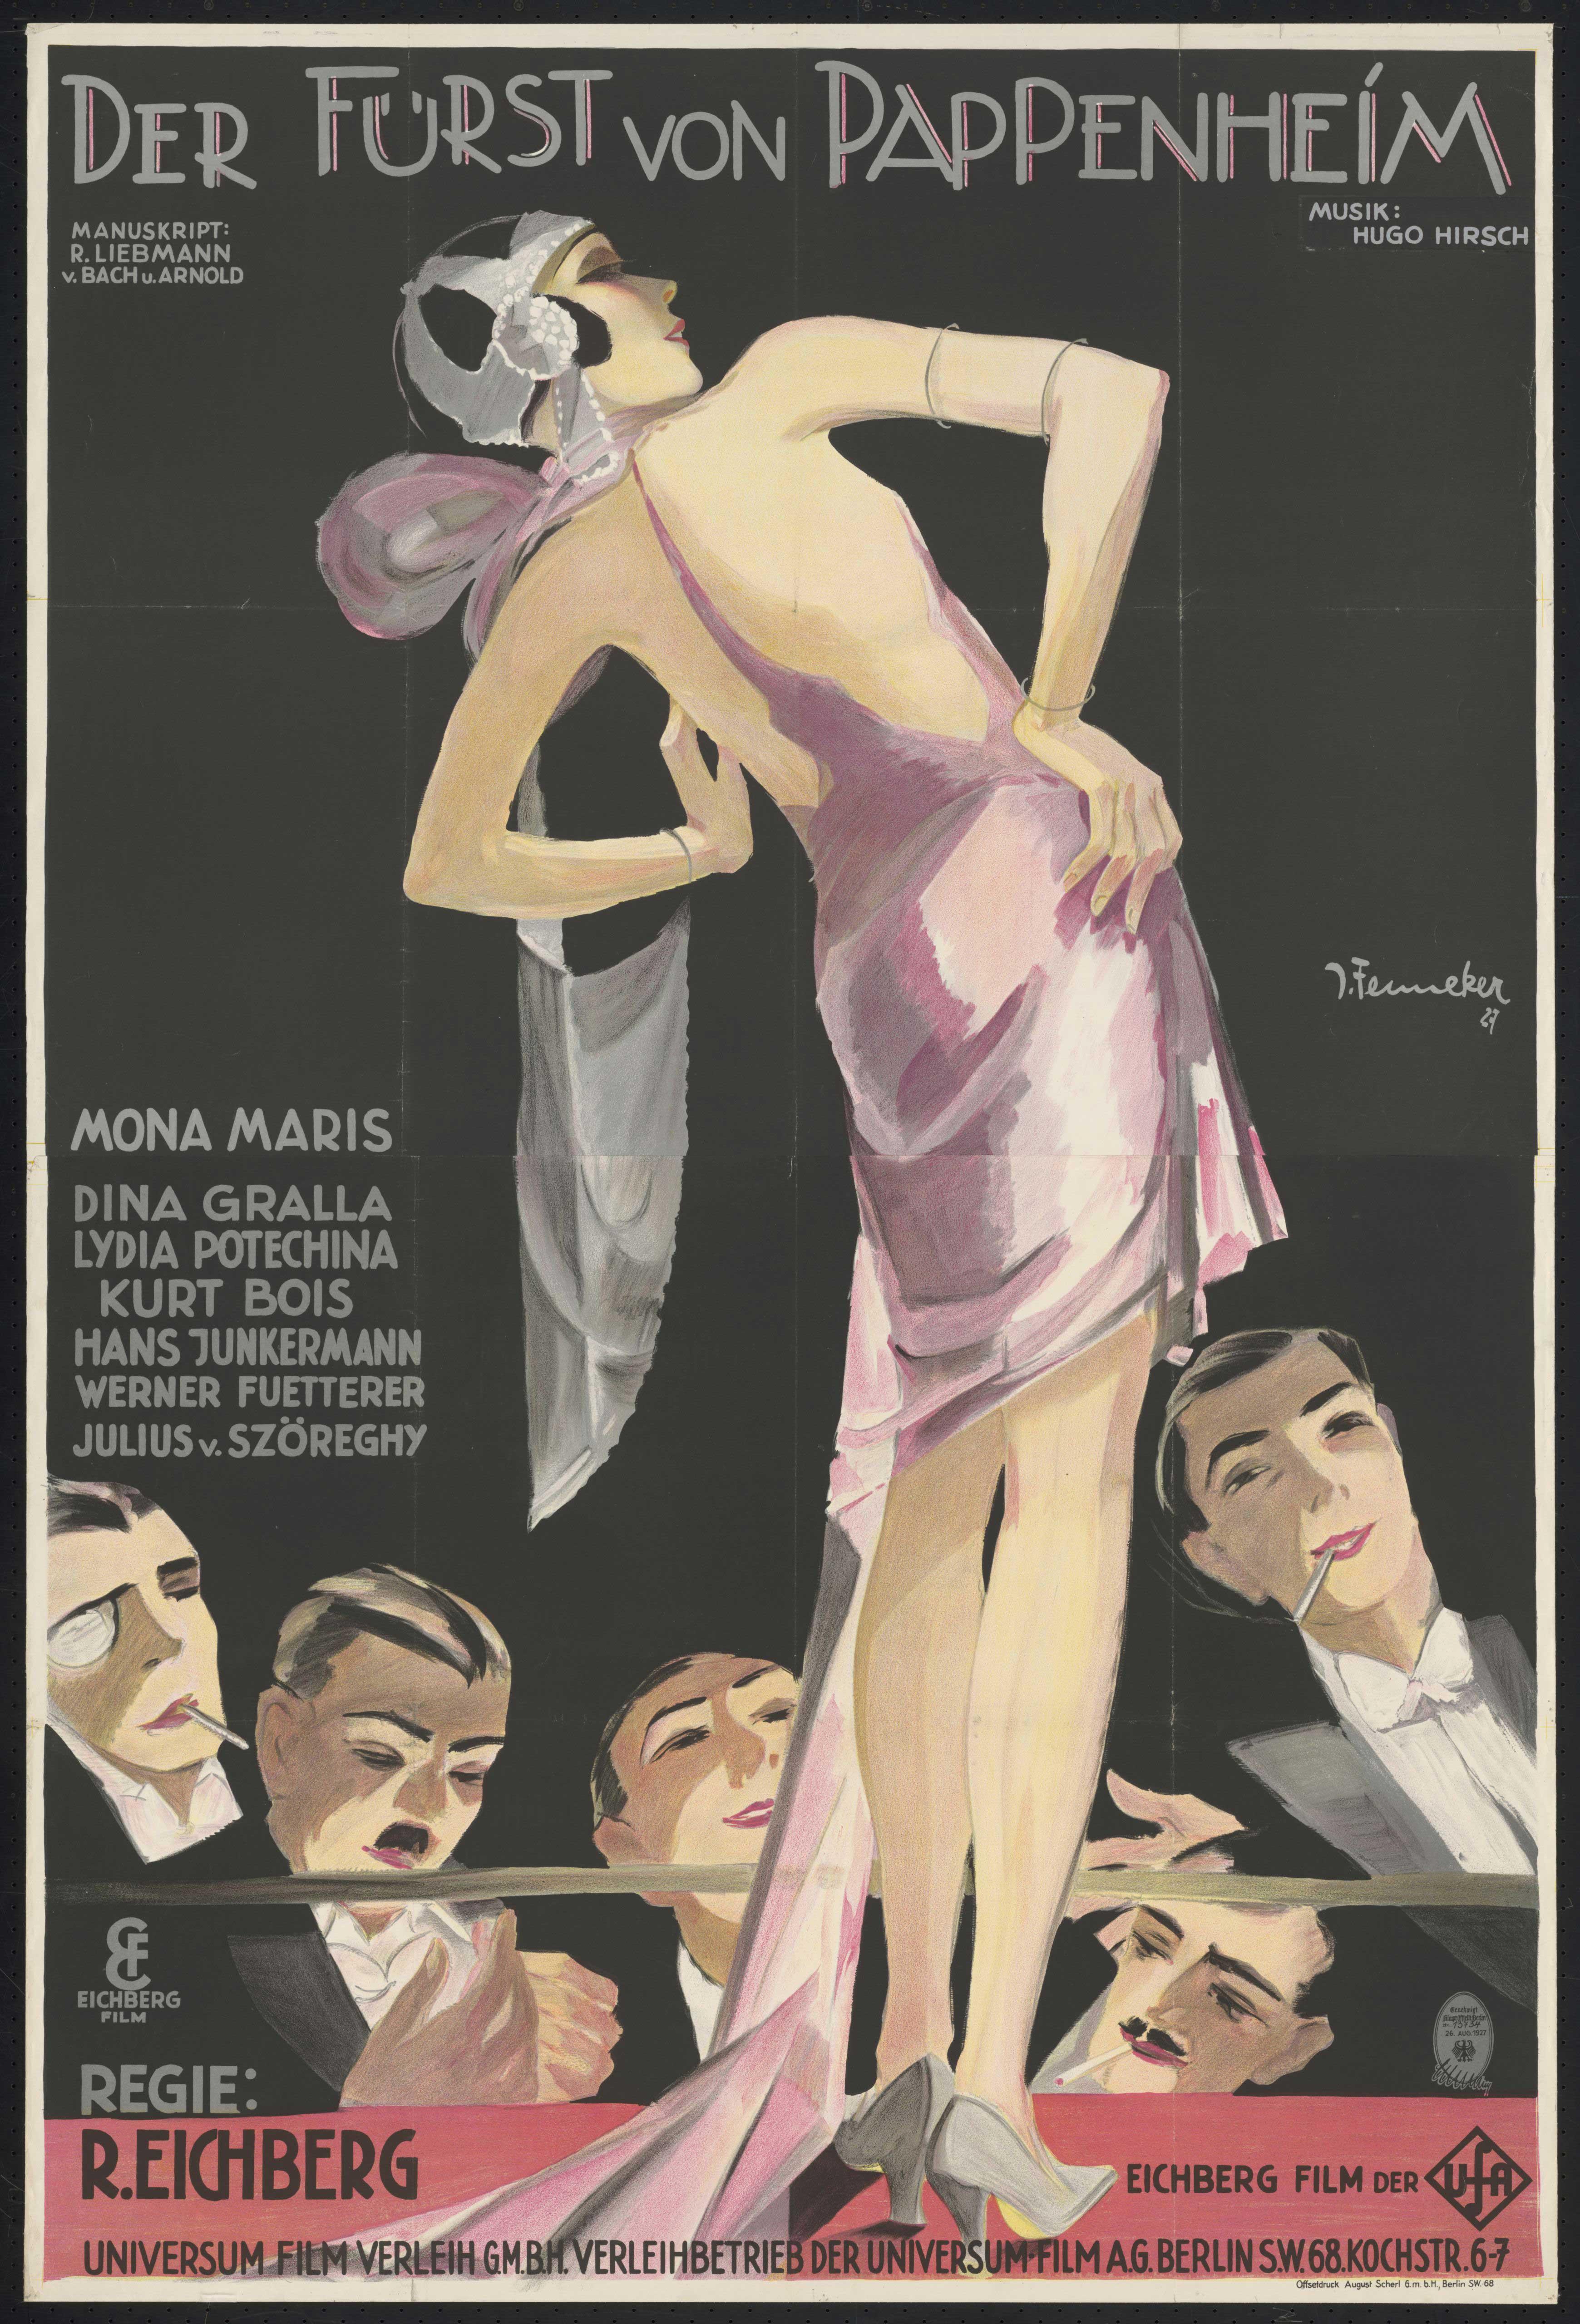 Film poster by Joef Fenneker: Der Fürst von Pappenheim, Germany 1927, directed by  Richard Eichberg